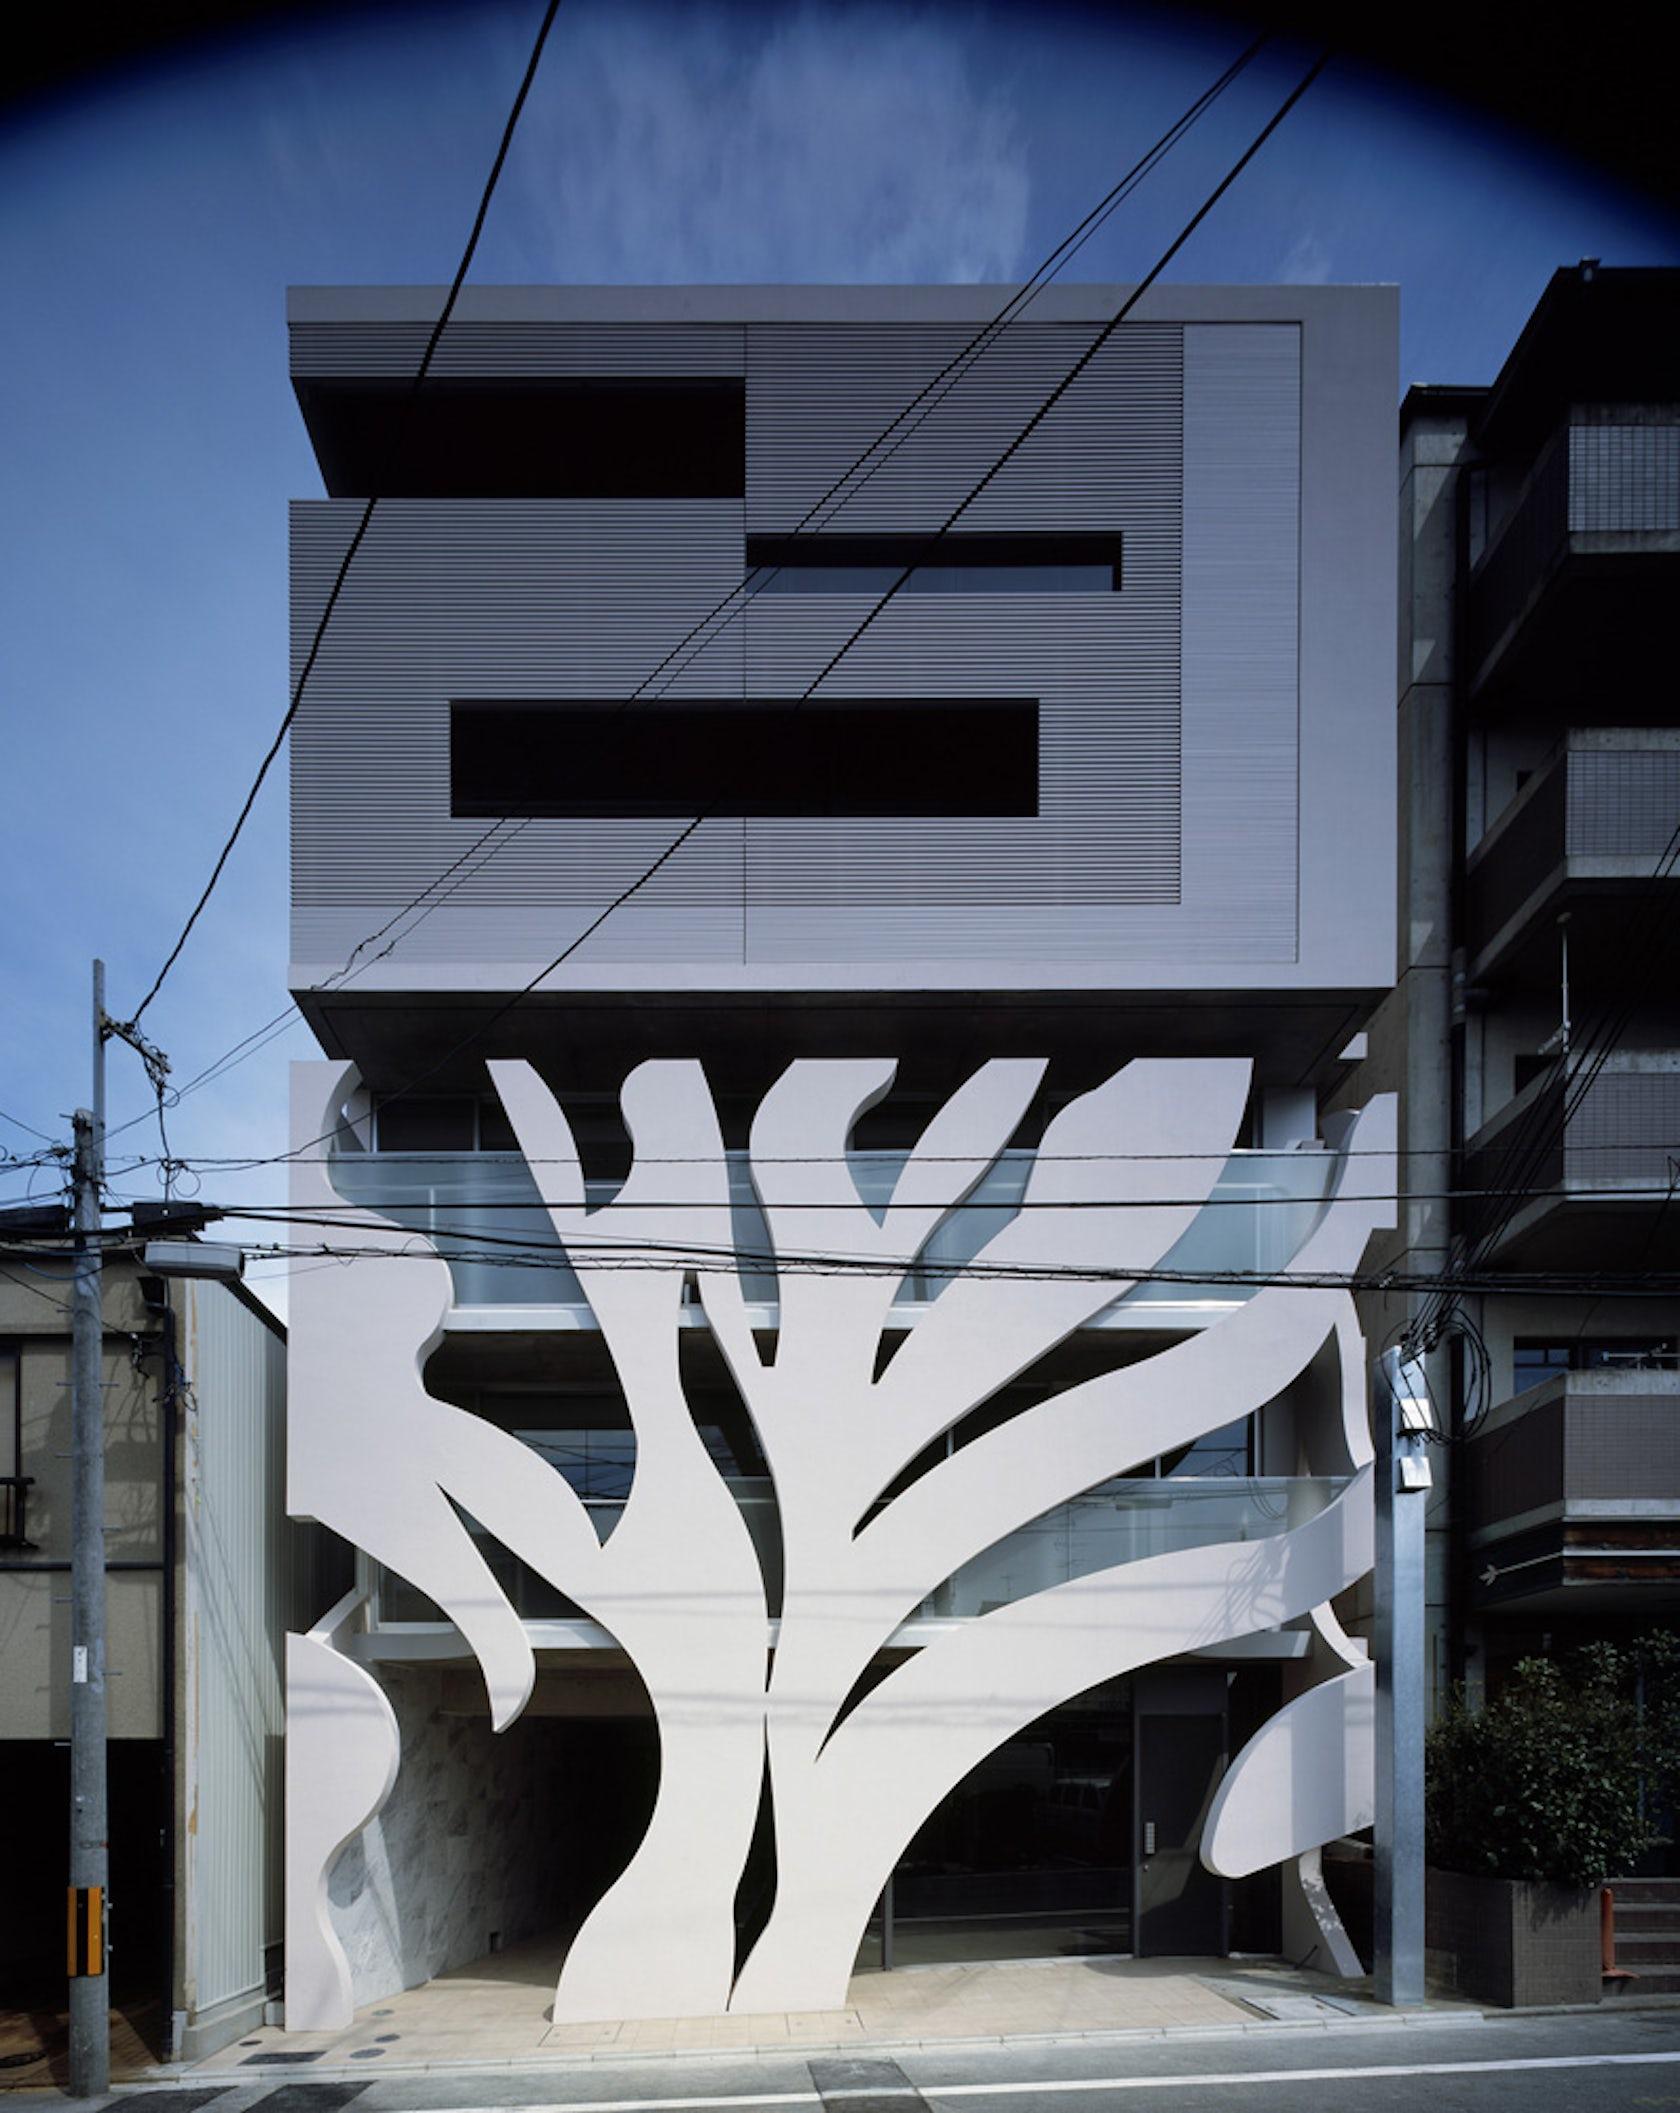 eastern design office architizer. Black Bedroom Furniture Sets. Home Design Ideas